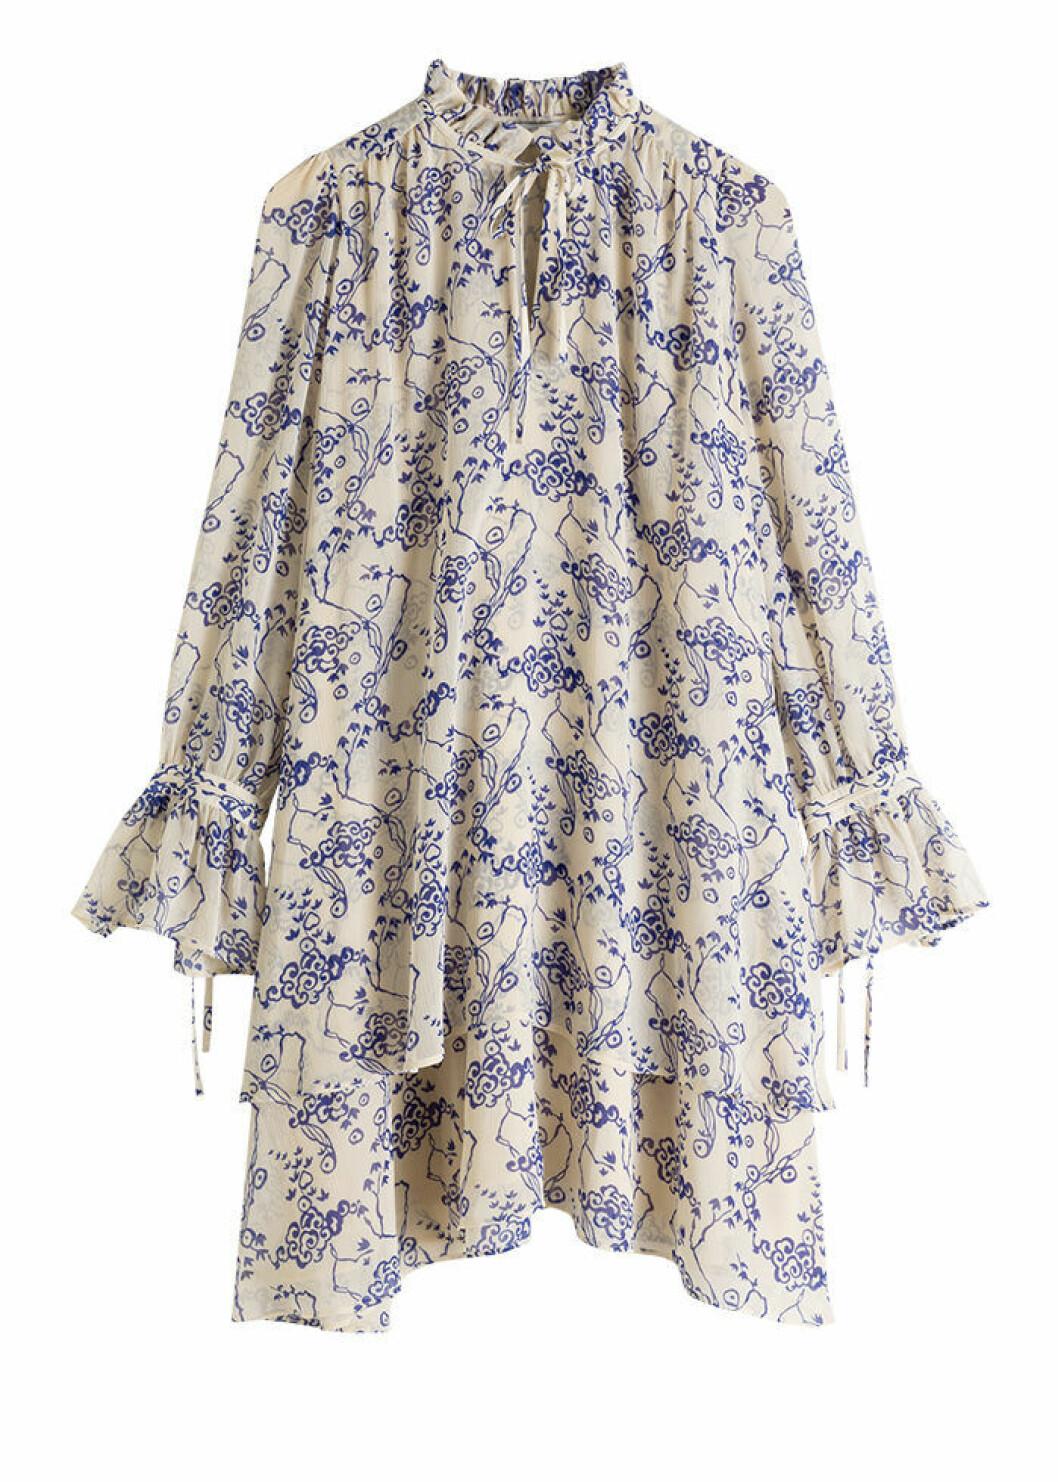 Vit klänning med blå brodyr